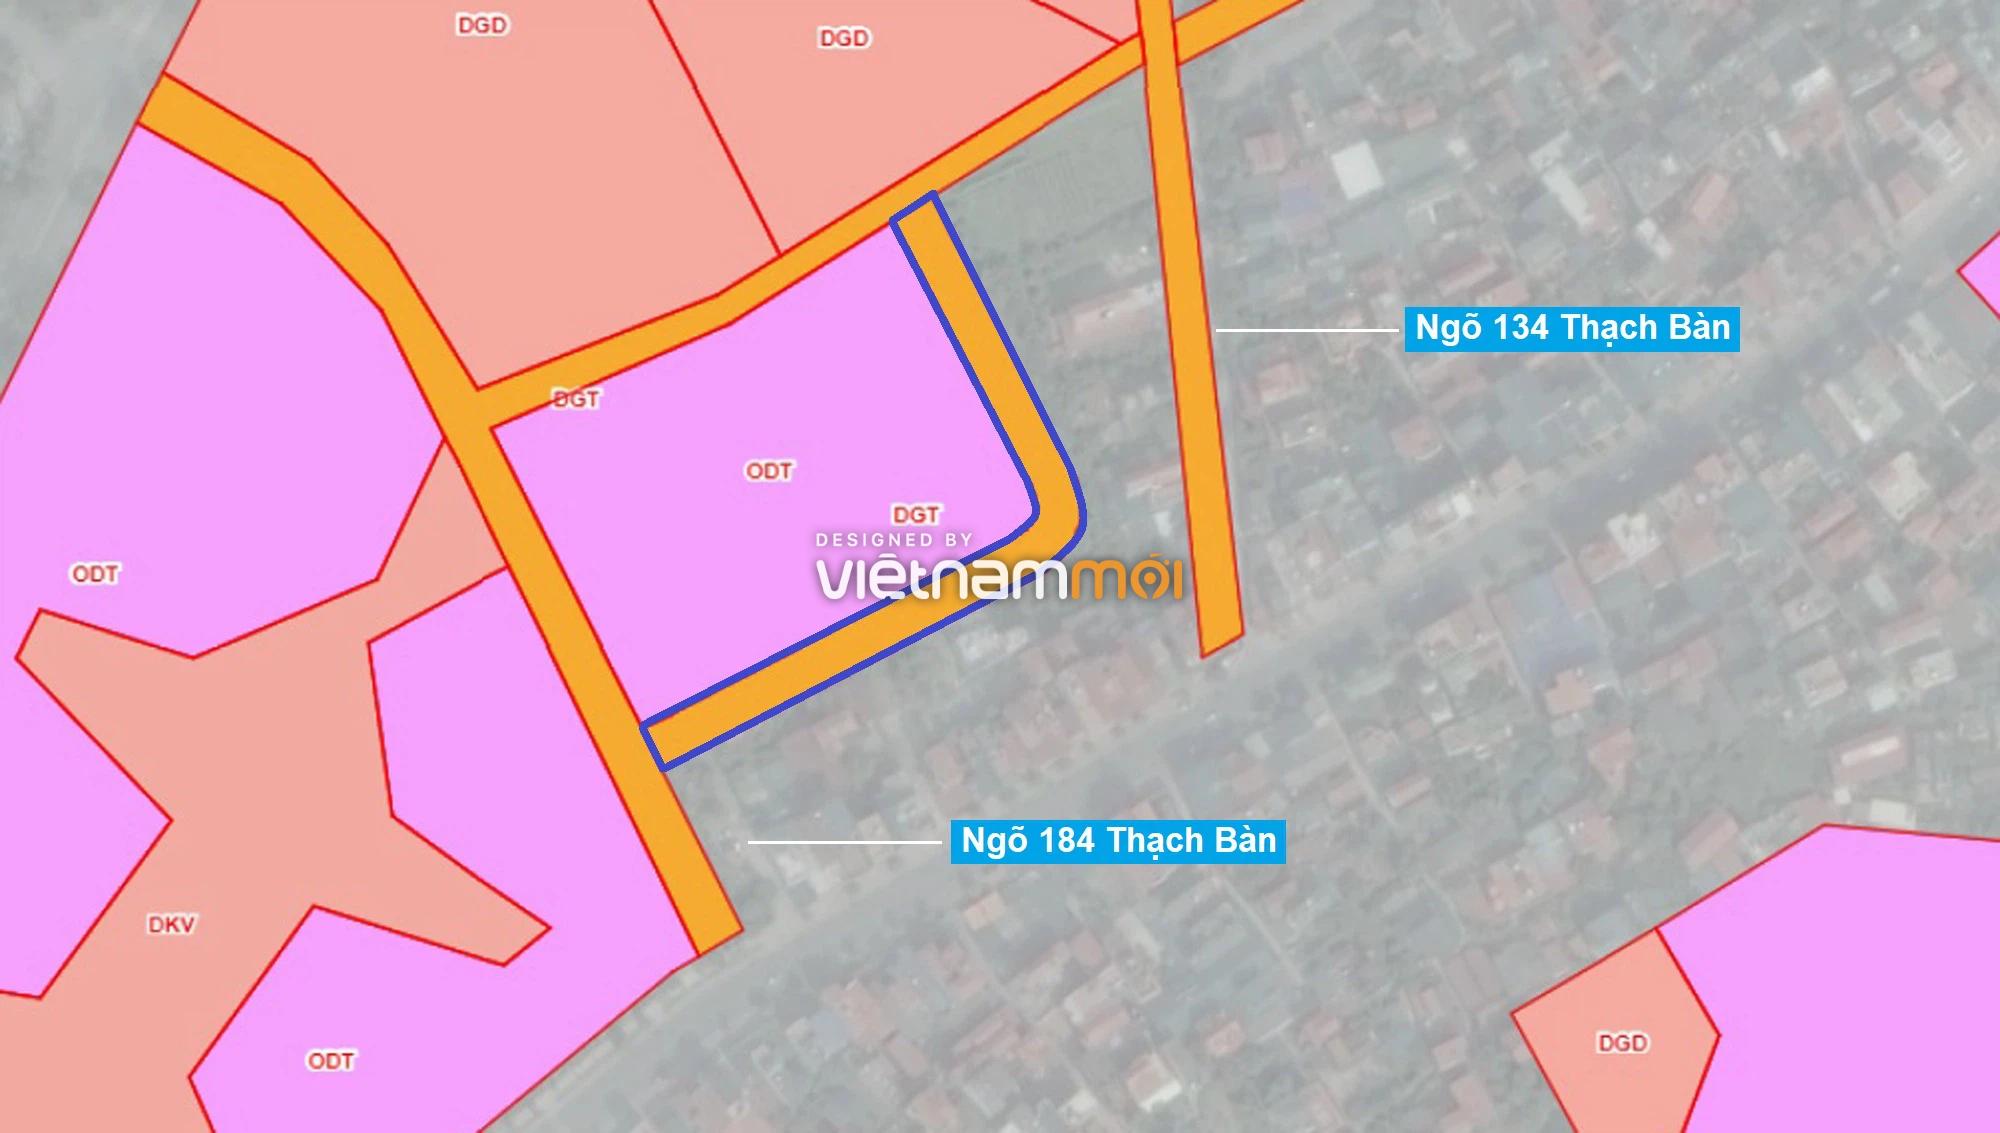 Những khu đất sắp thu hồi để mở đường ở phường Thạch Bàn, Long Biên, Hà Nội (phần 1) - Ảnh 7.